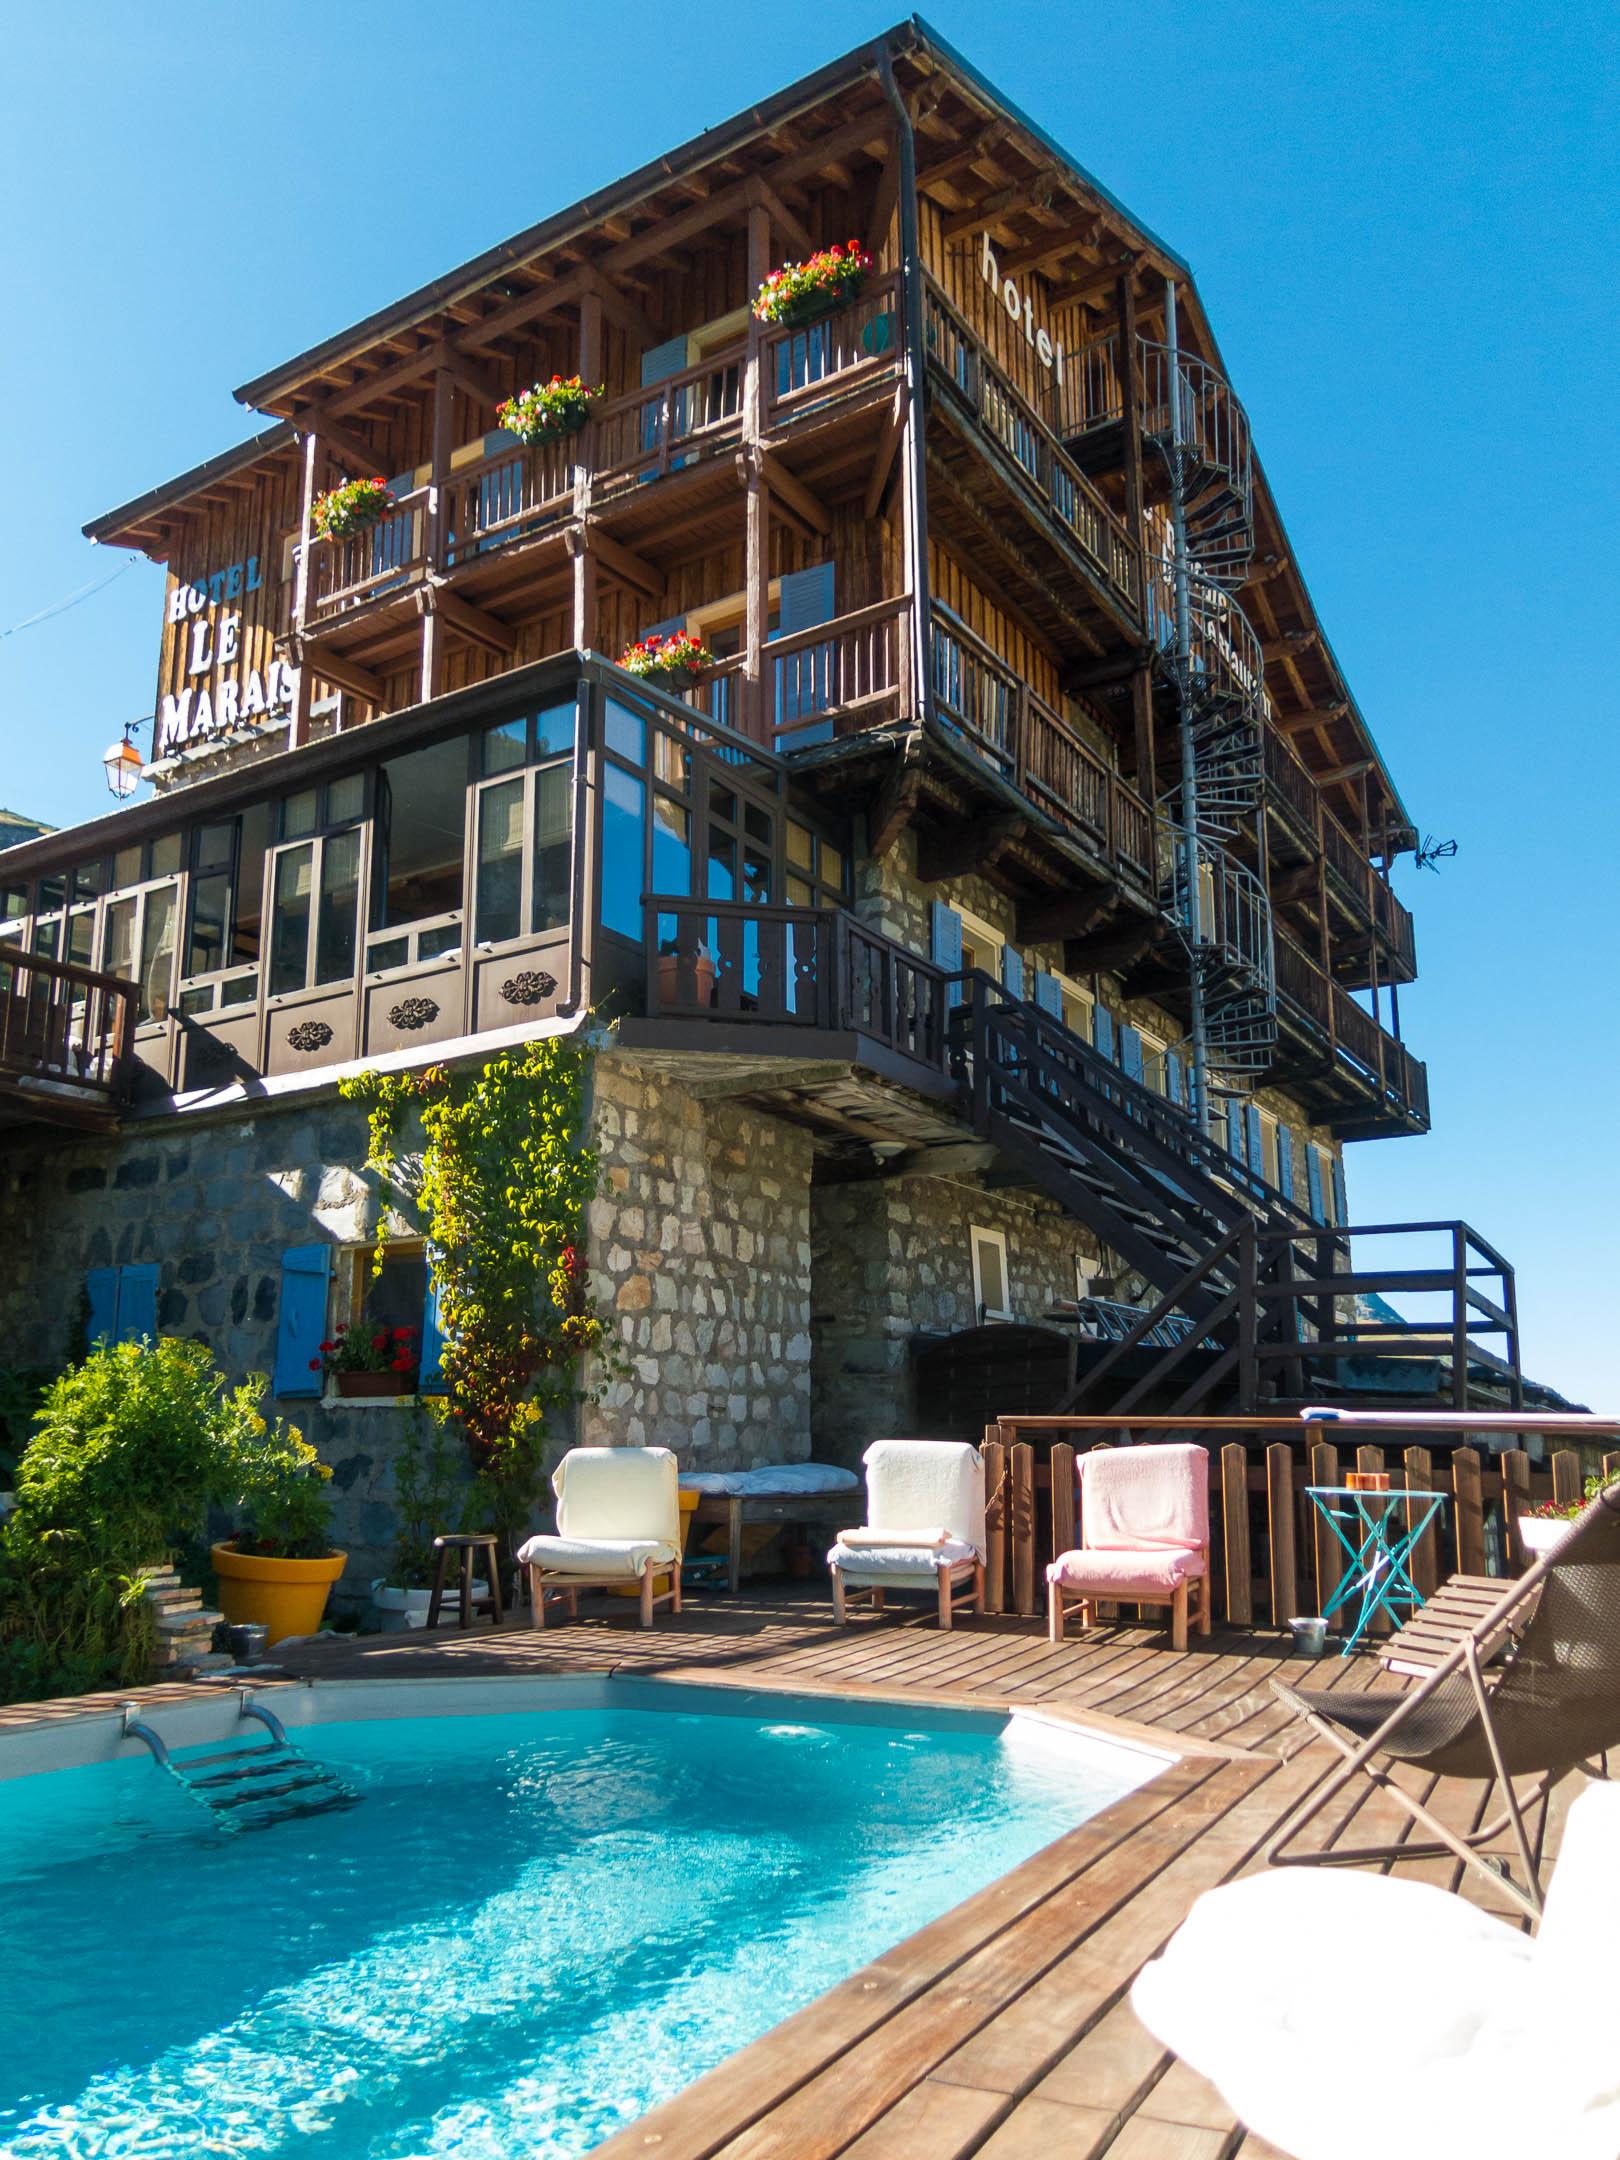 Hotel Le Marais in Tignes